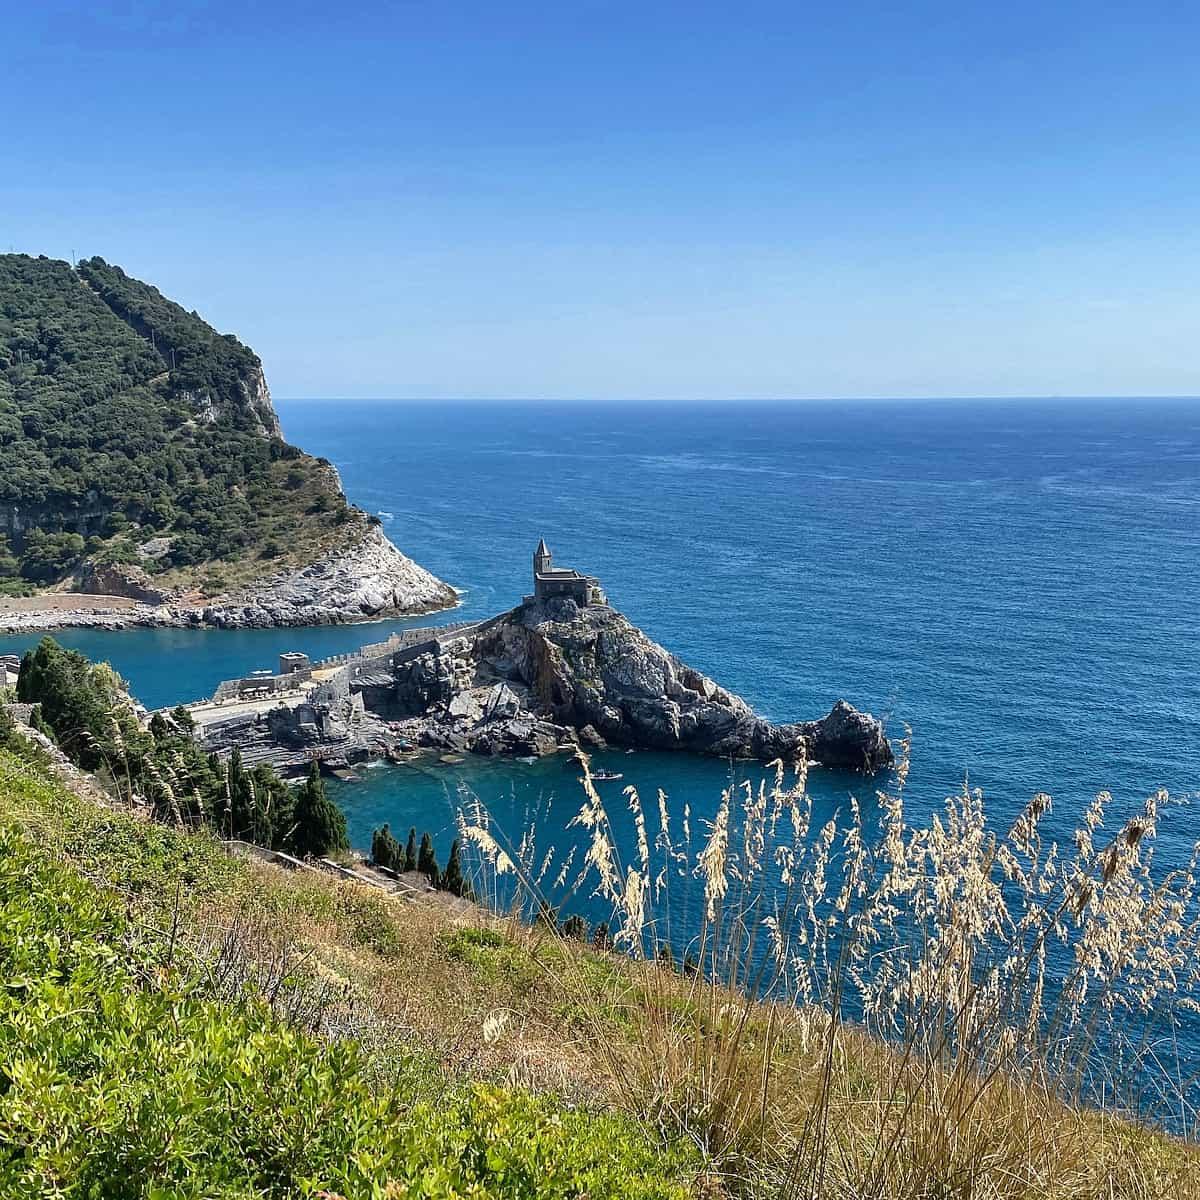 Ligurische Küste Cinque Terre Fernwanderung Etappe 6 19